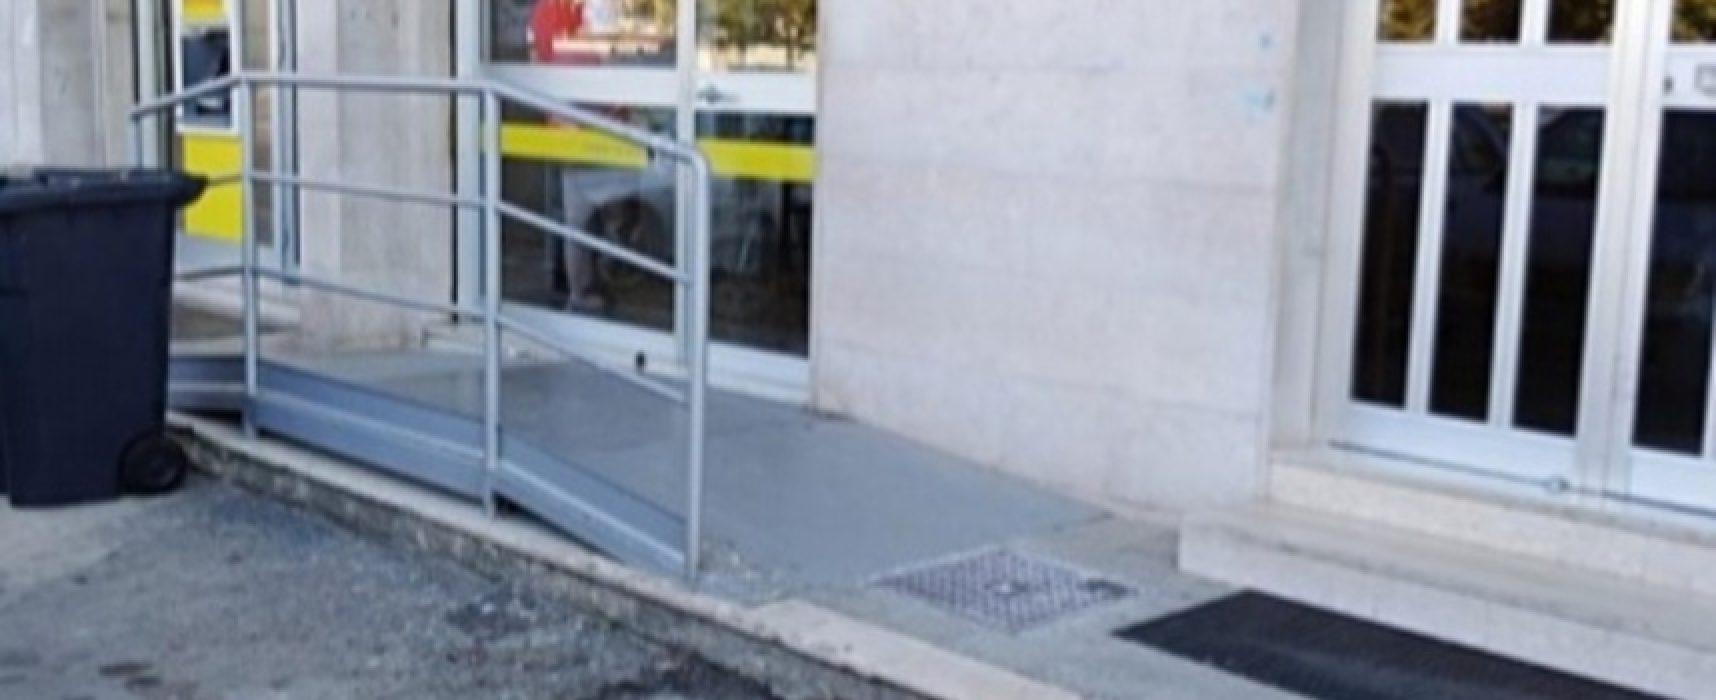 Difendiamo Bisceglie denuncia ufficio postale di via Carrara Reddito per barriere architettoniche